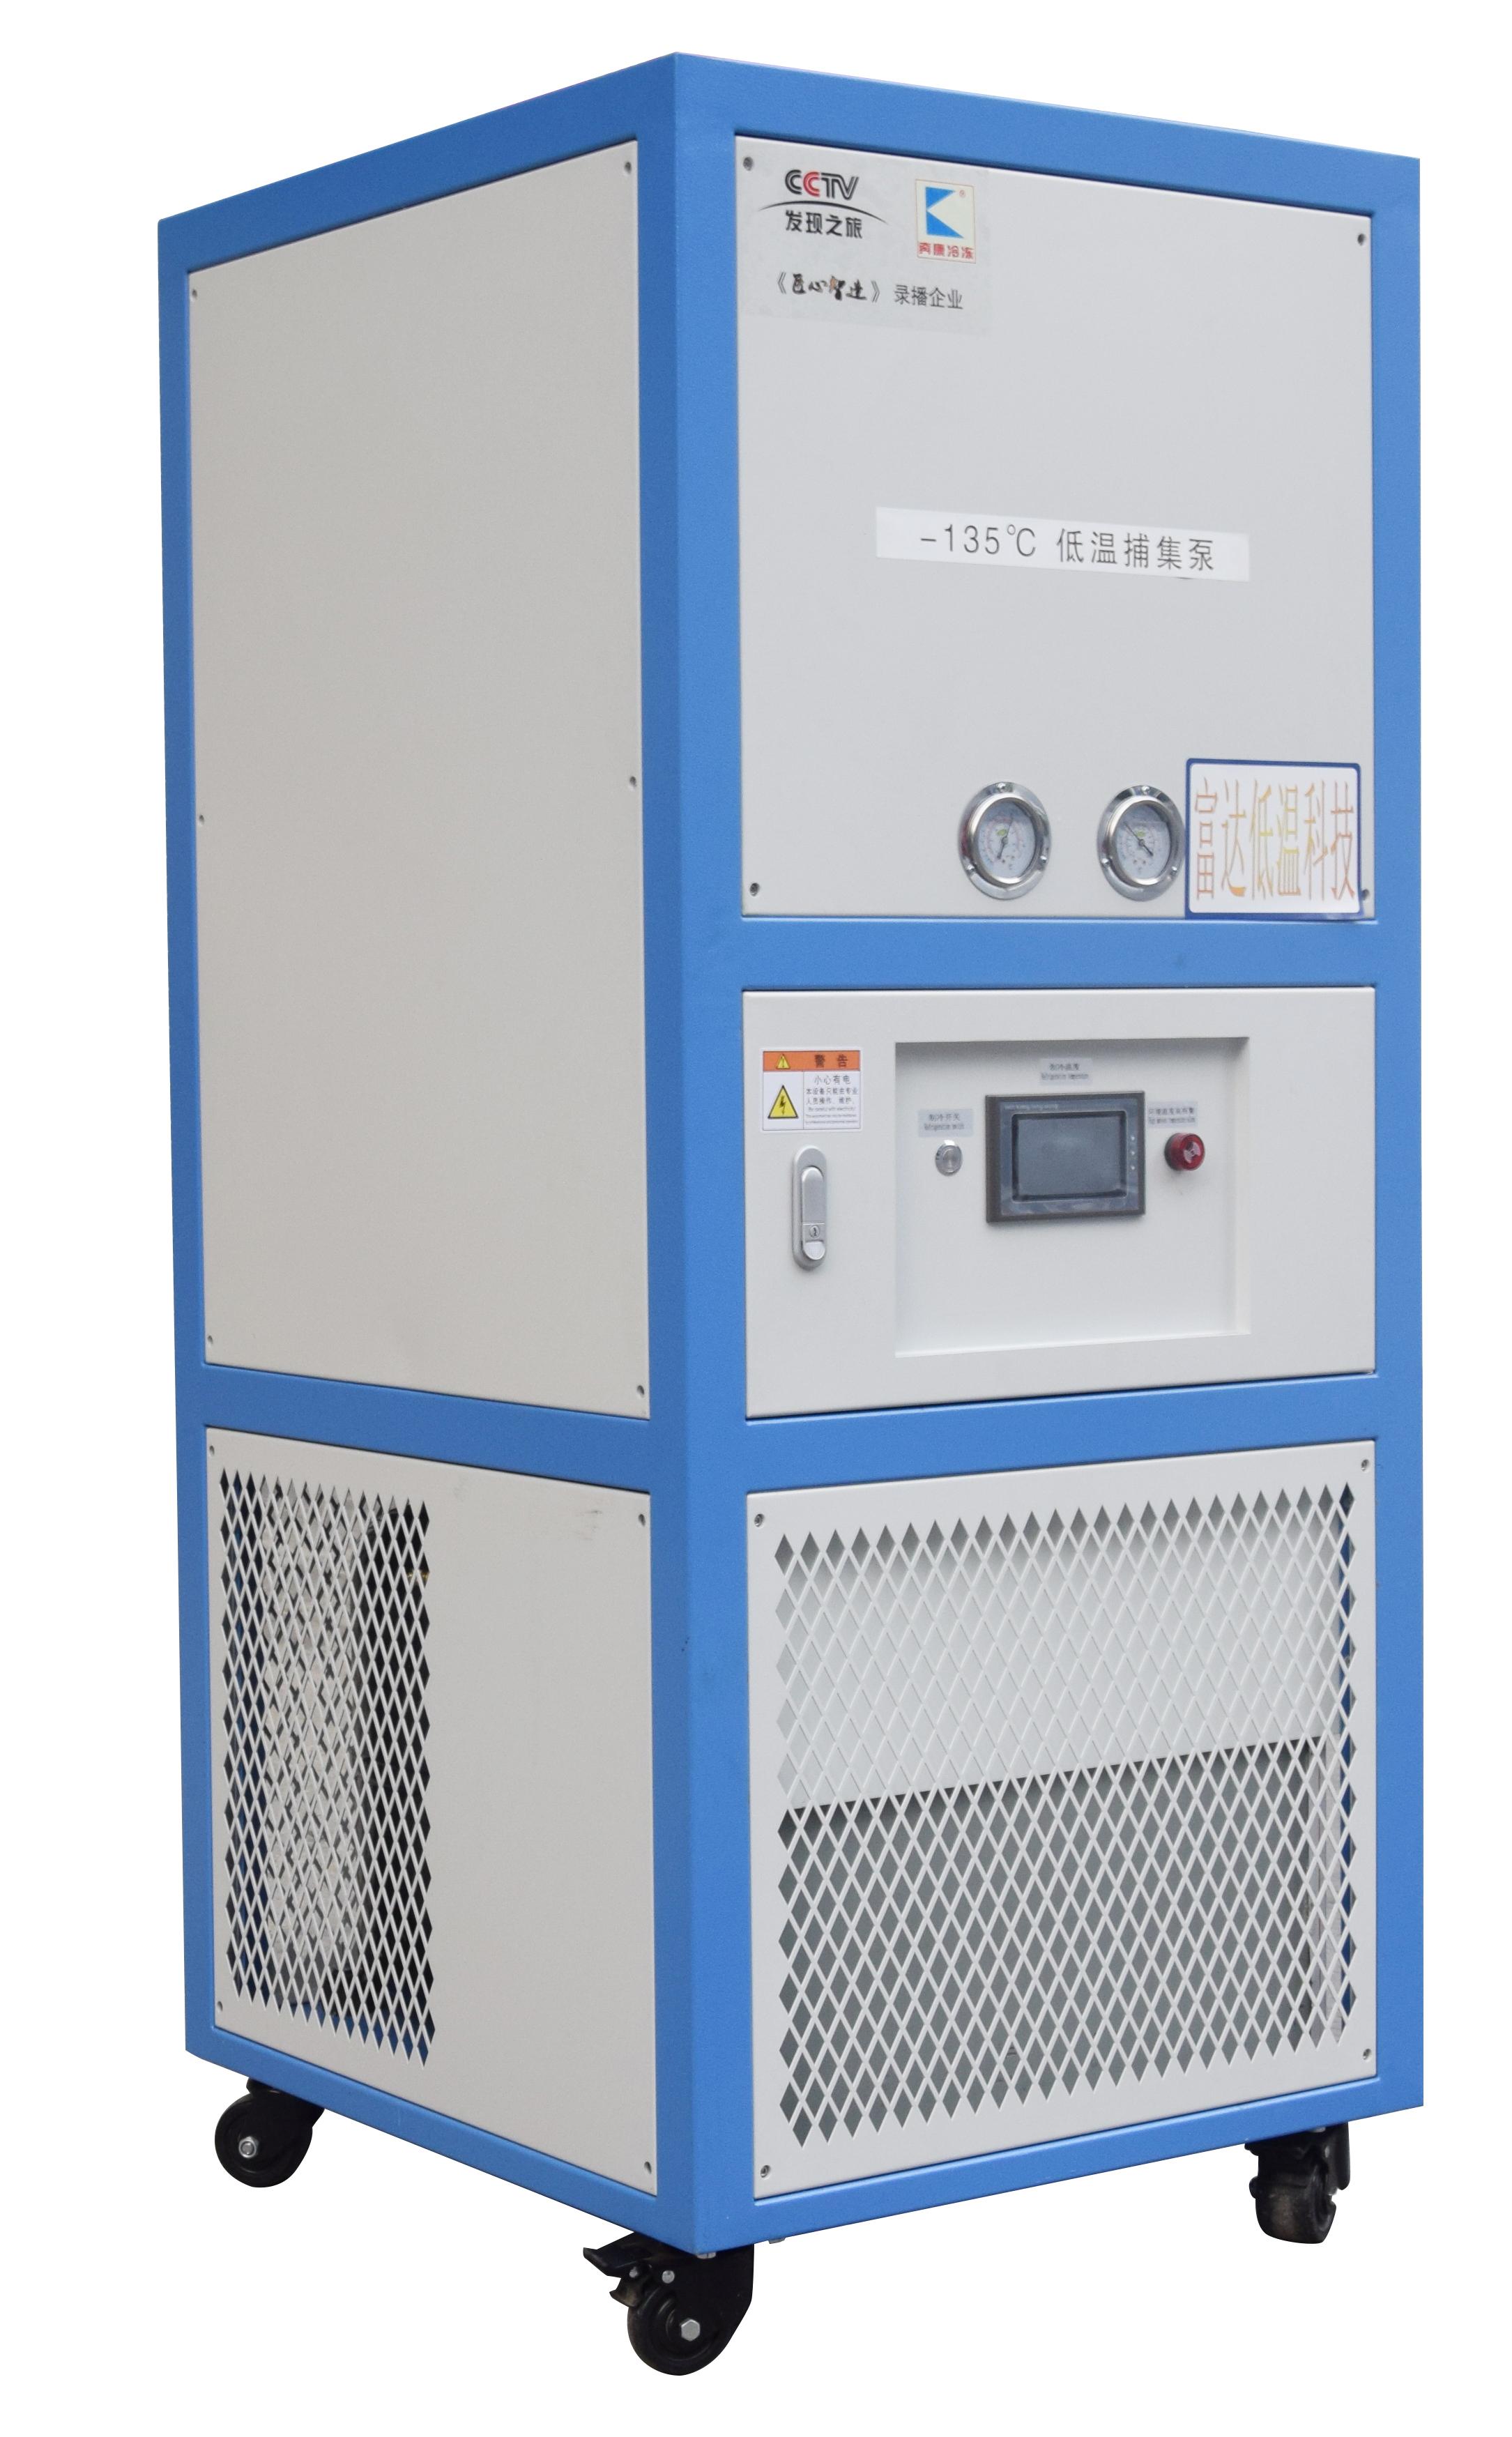 低温捕集泵生产厂家 低温捕集泵哪家好 广东低温捕集泵